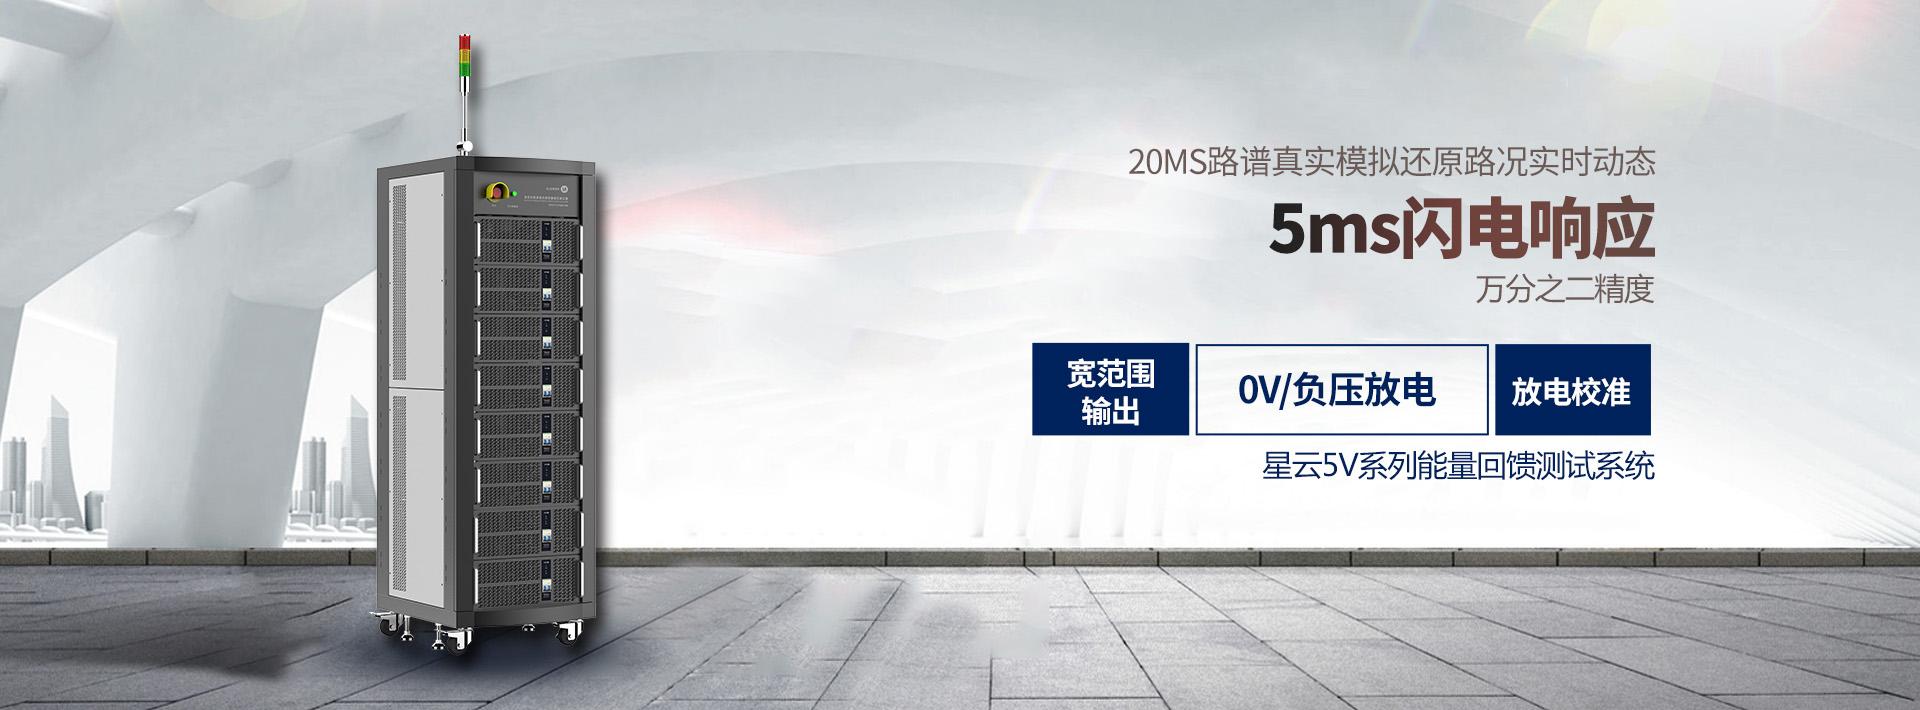 官网banner-5V设备